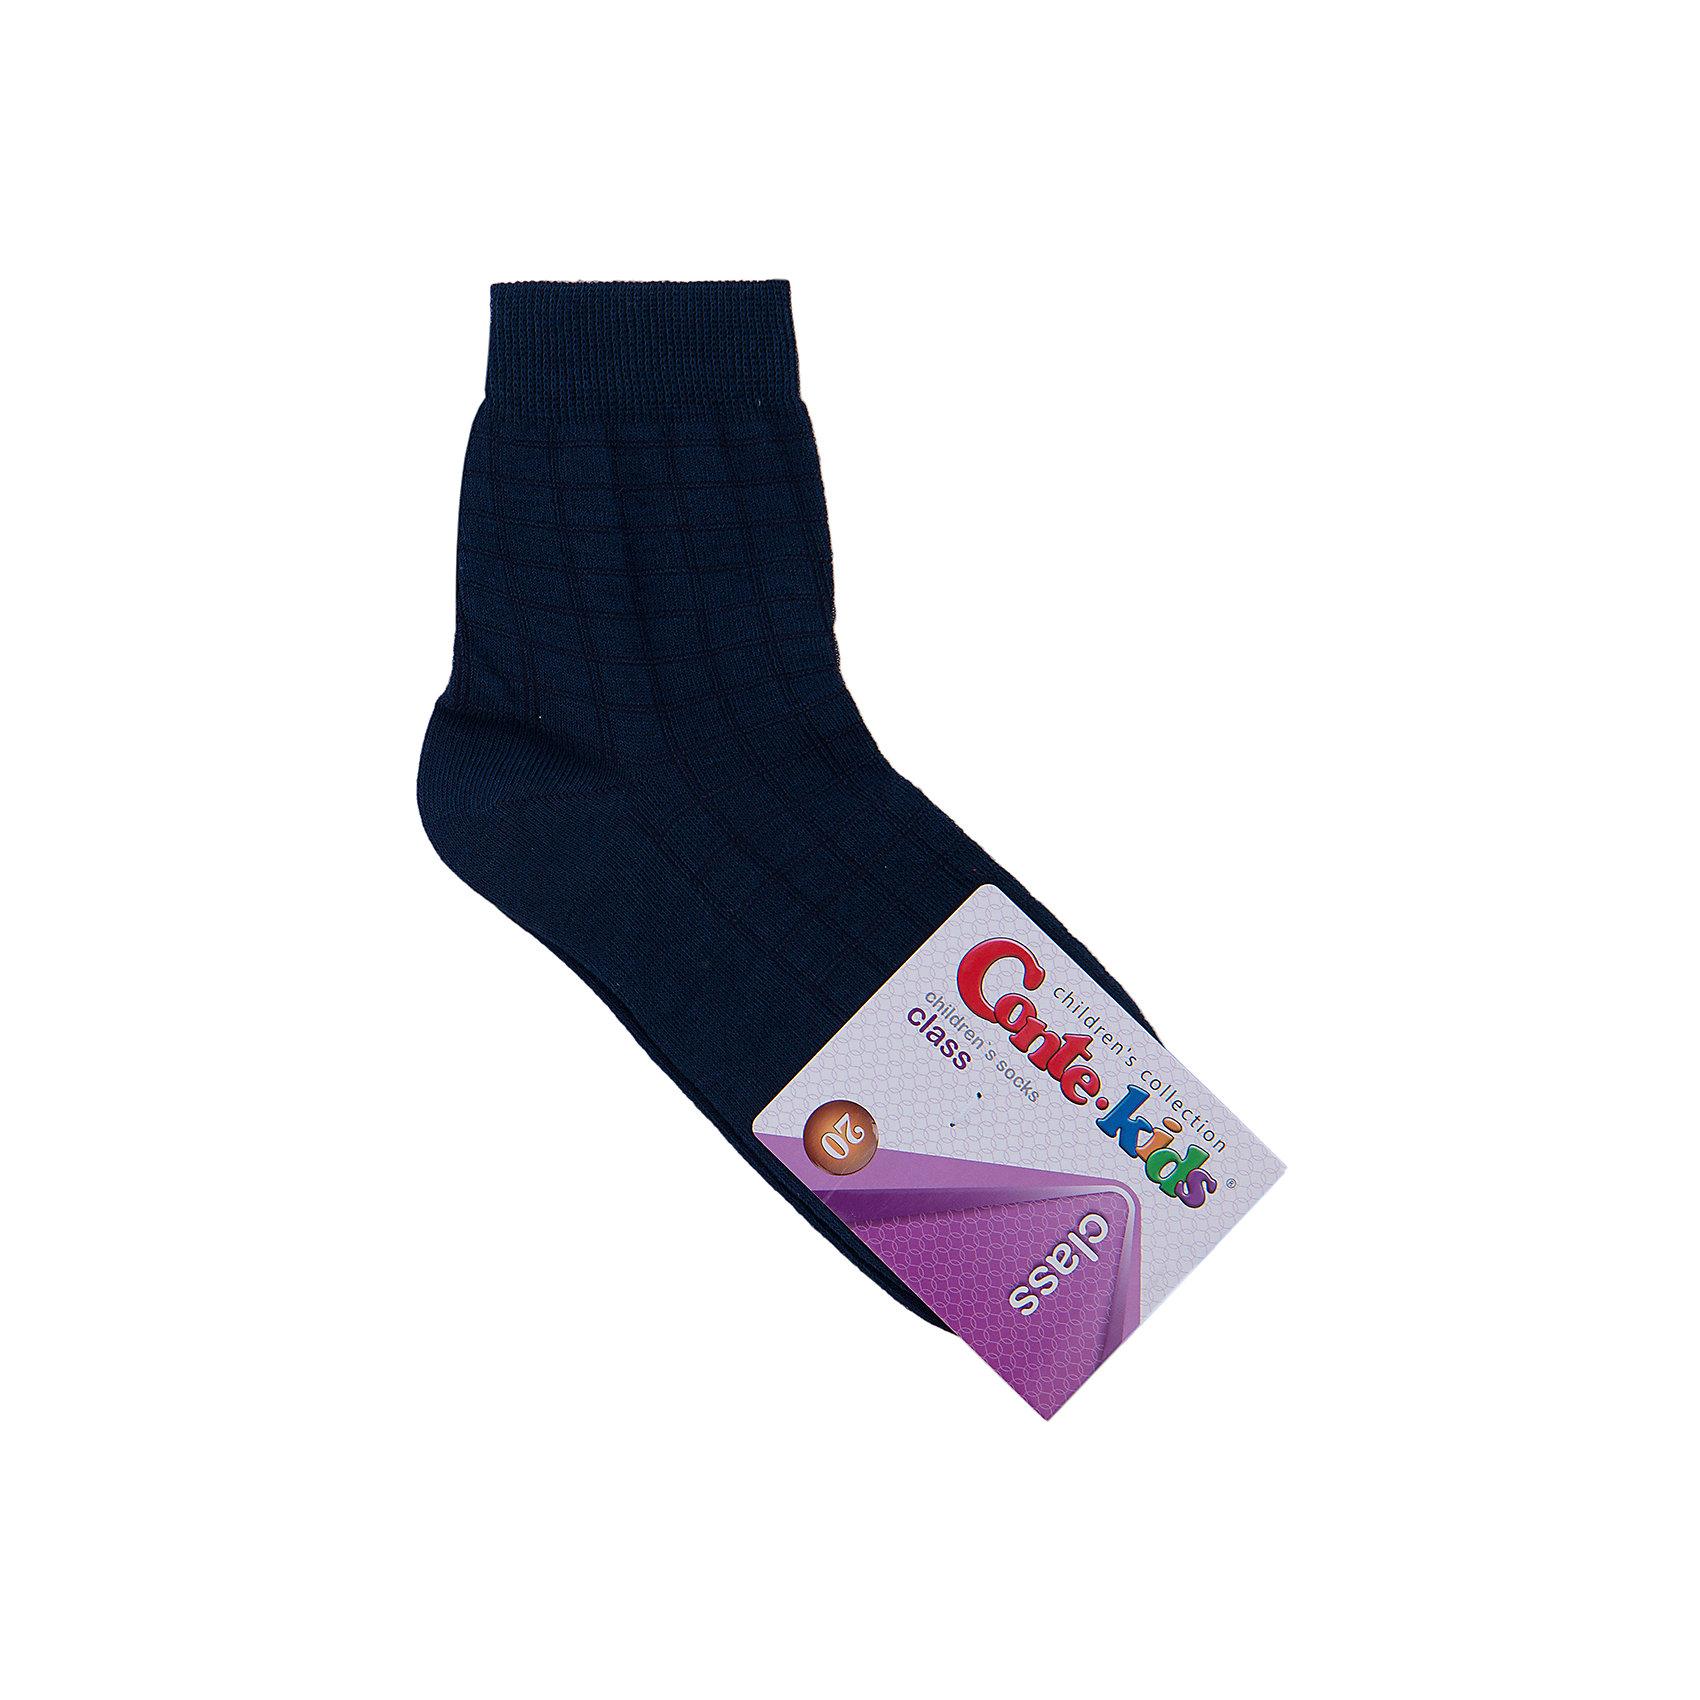 Носки  Conte-kidsНоски<br>Детские носки известной марки Conte-kids.<br>- Мягкие,  эластичные,  удобные и практичные.<br>- От белорусского производителя. <br>- Для девочек и мальчиков. <br><br>Состав: 50% - хлопок, 47,2% - полиамид, 2,8% - эластан.<br><br>Ширина мм: 87<br>Глубина мм: 10<br>Высота мм: 105<br>Вес г: 115<br>Цвет: синий<br>Возраст от месяцев: 84<br>Возраст до месяцев: 108<br>Пол: Унисекс<br>Возраст: Детский<br>Размер: 20<br>SKU: 4830296